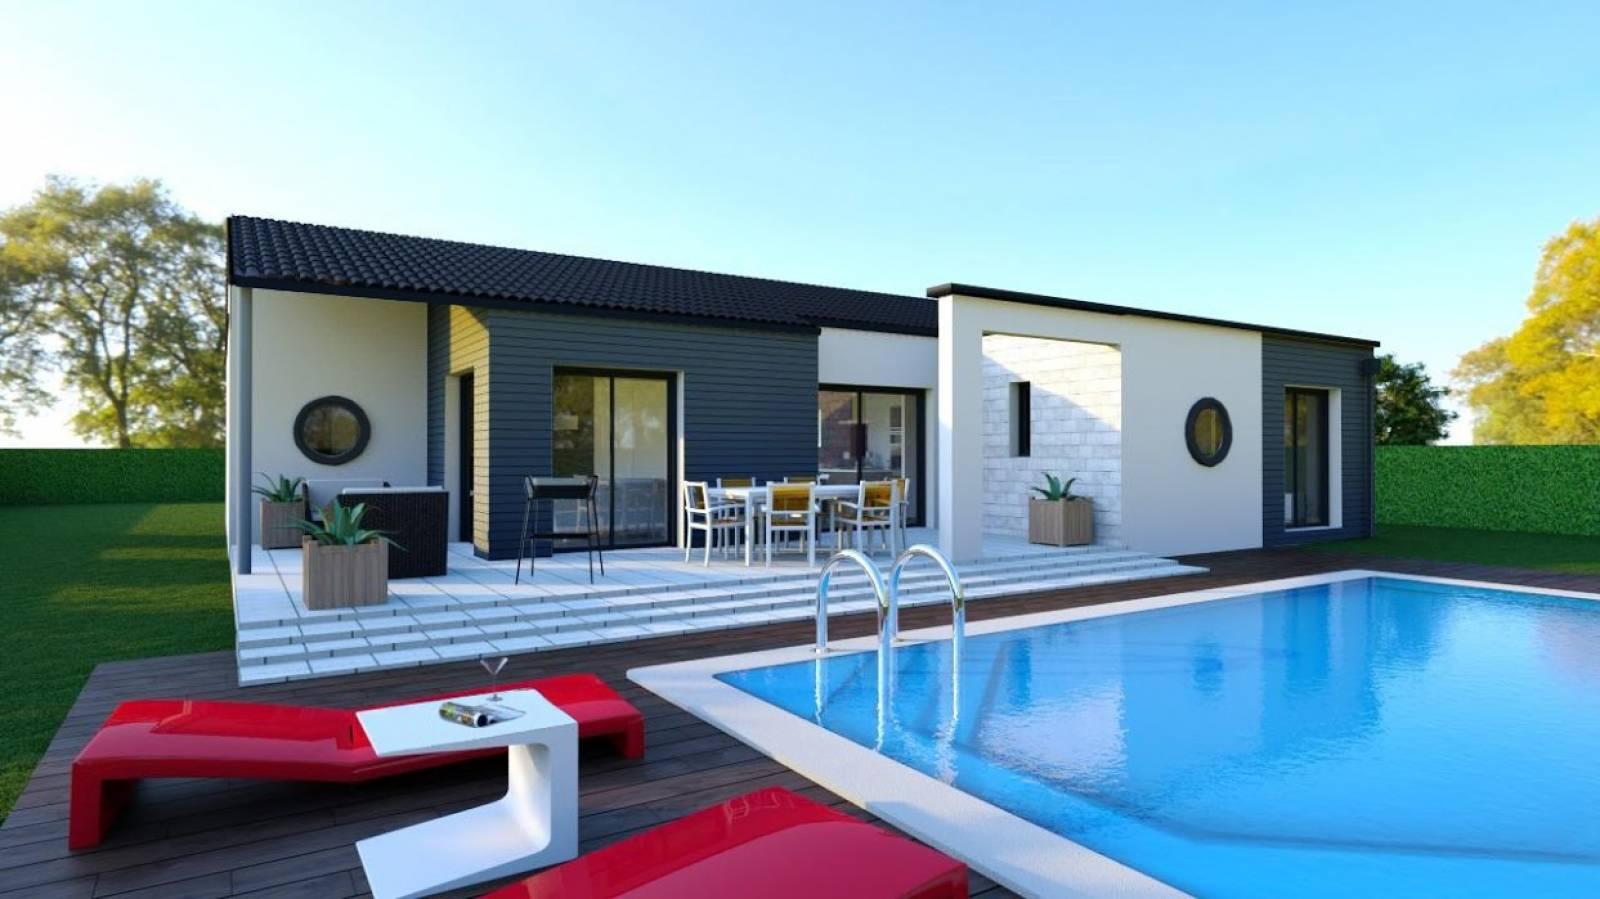 Maison moderne bordeaux - Maison de l architecture bordeaux ...